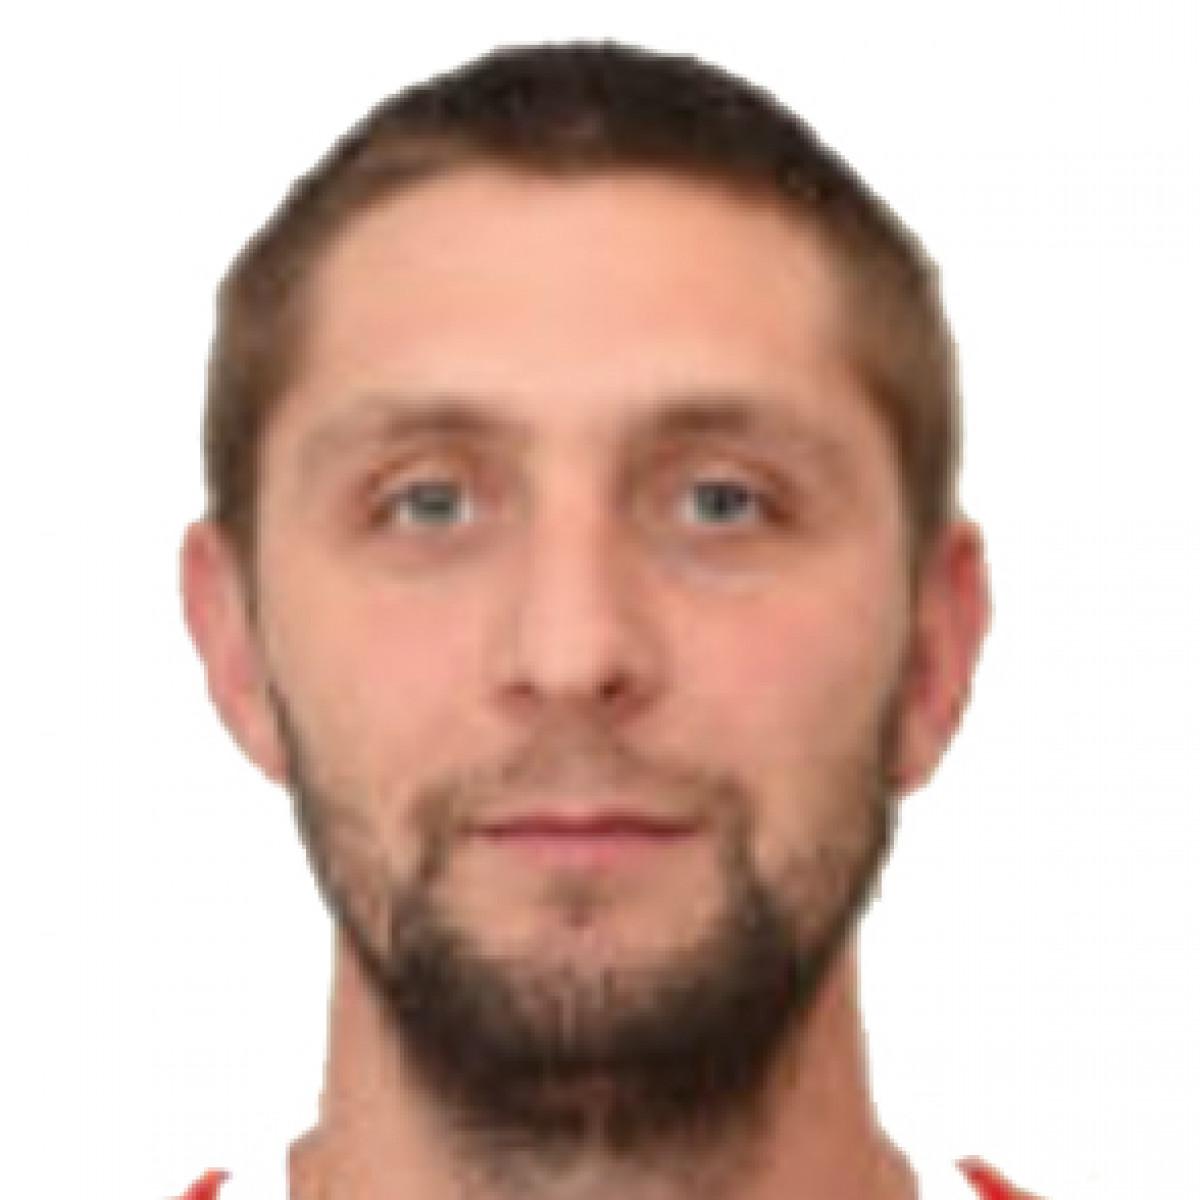 Djordje Majstorovic